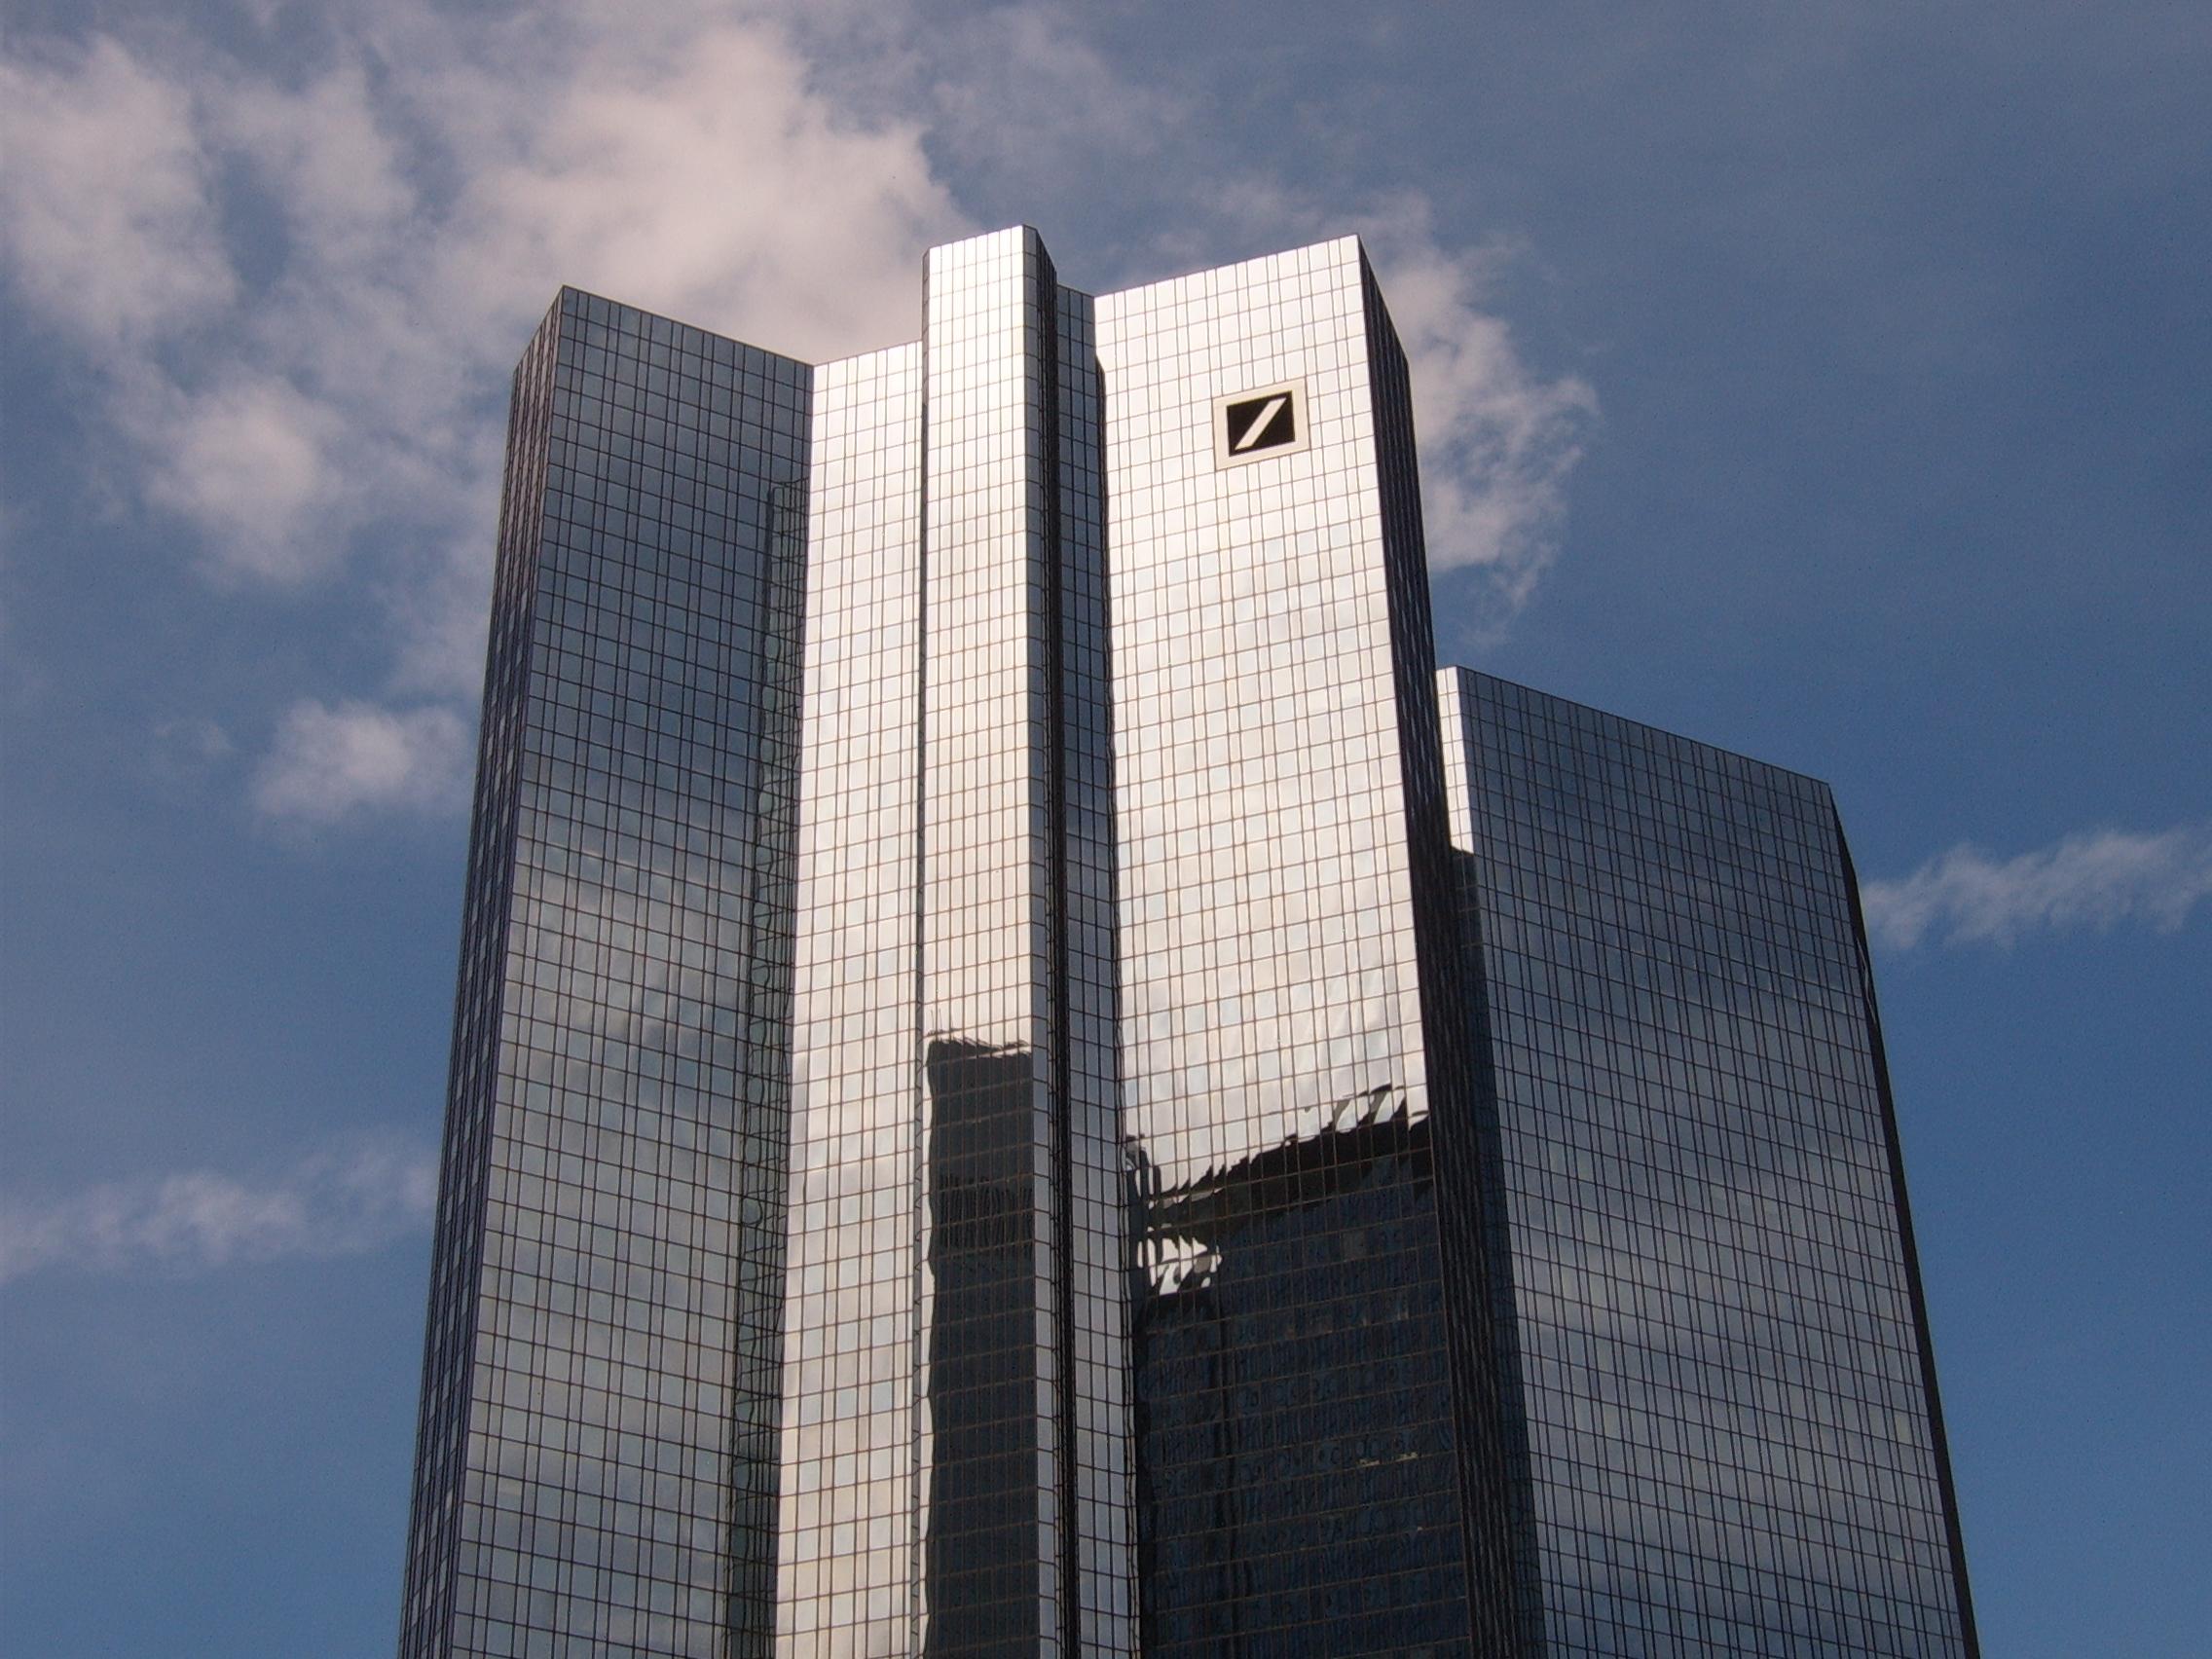 Deutsche Bank to pay $2.5B for Libor williamhill beziehen einen freund form william hill irish rate violations - Business ...